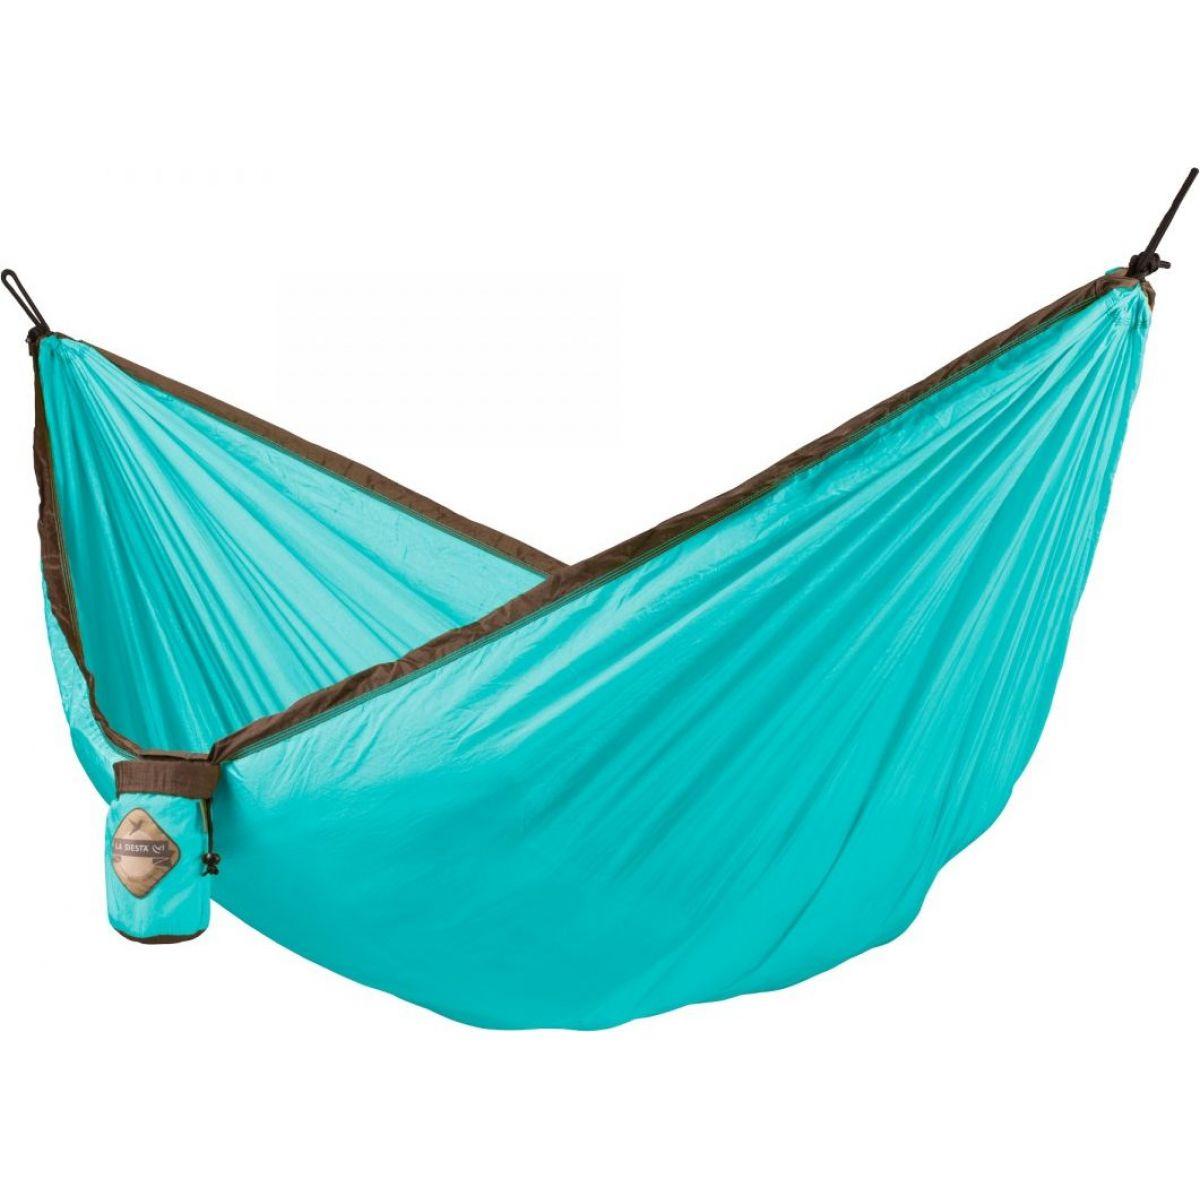 La Siesta Cestovná hojdacia sieť Colibri Turquoise